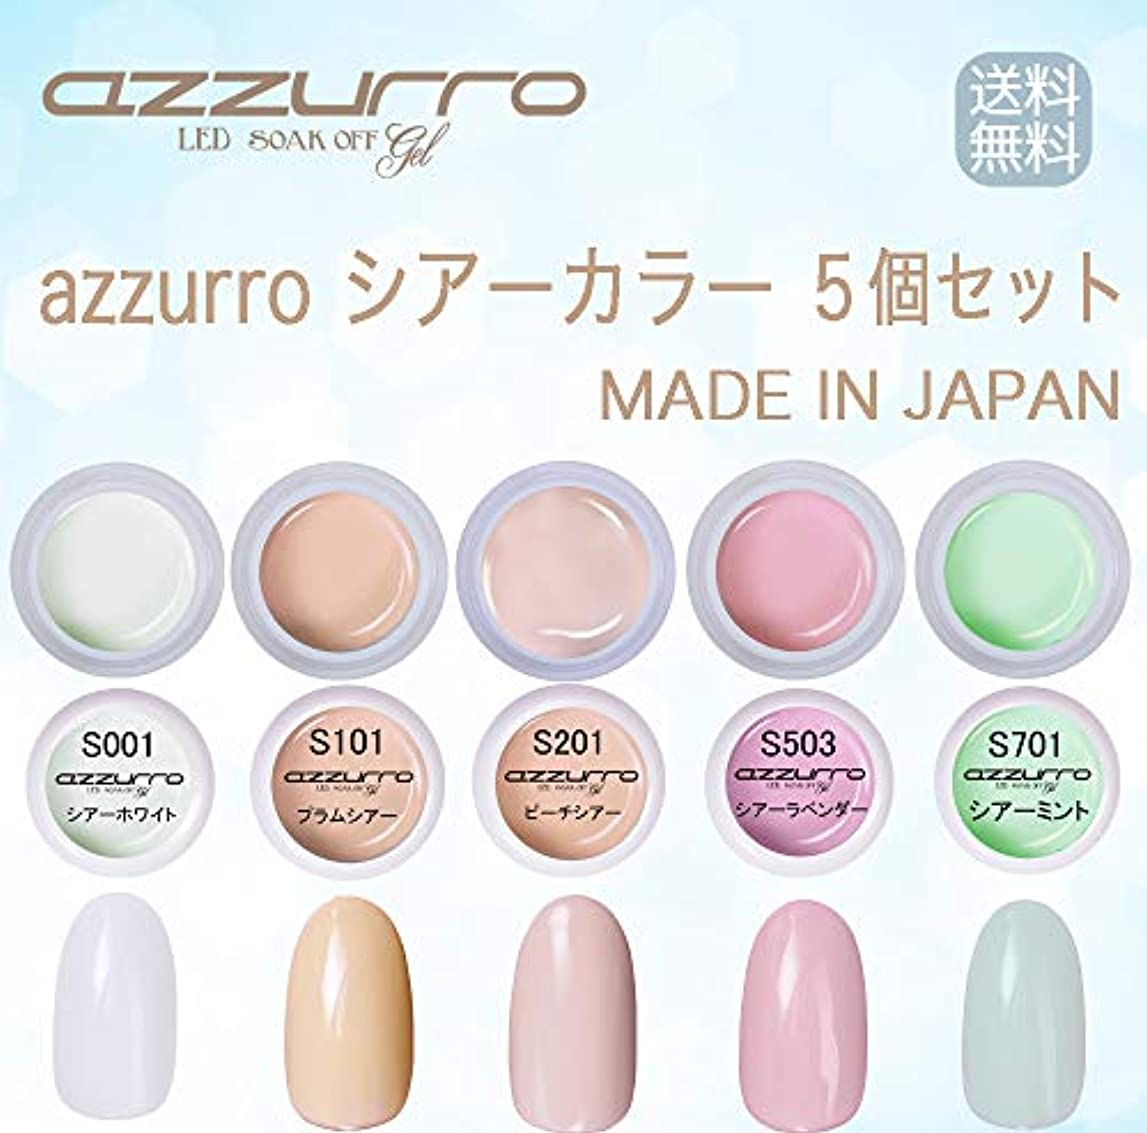 柔和台無しに着実に【送料無料】日本製 azzurro gel シアー カラージェル5個セット グラデーションにもピッタリなカラー